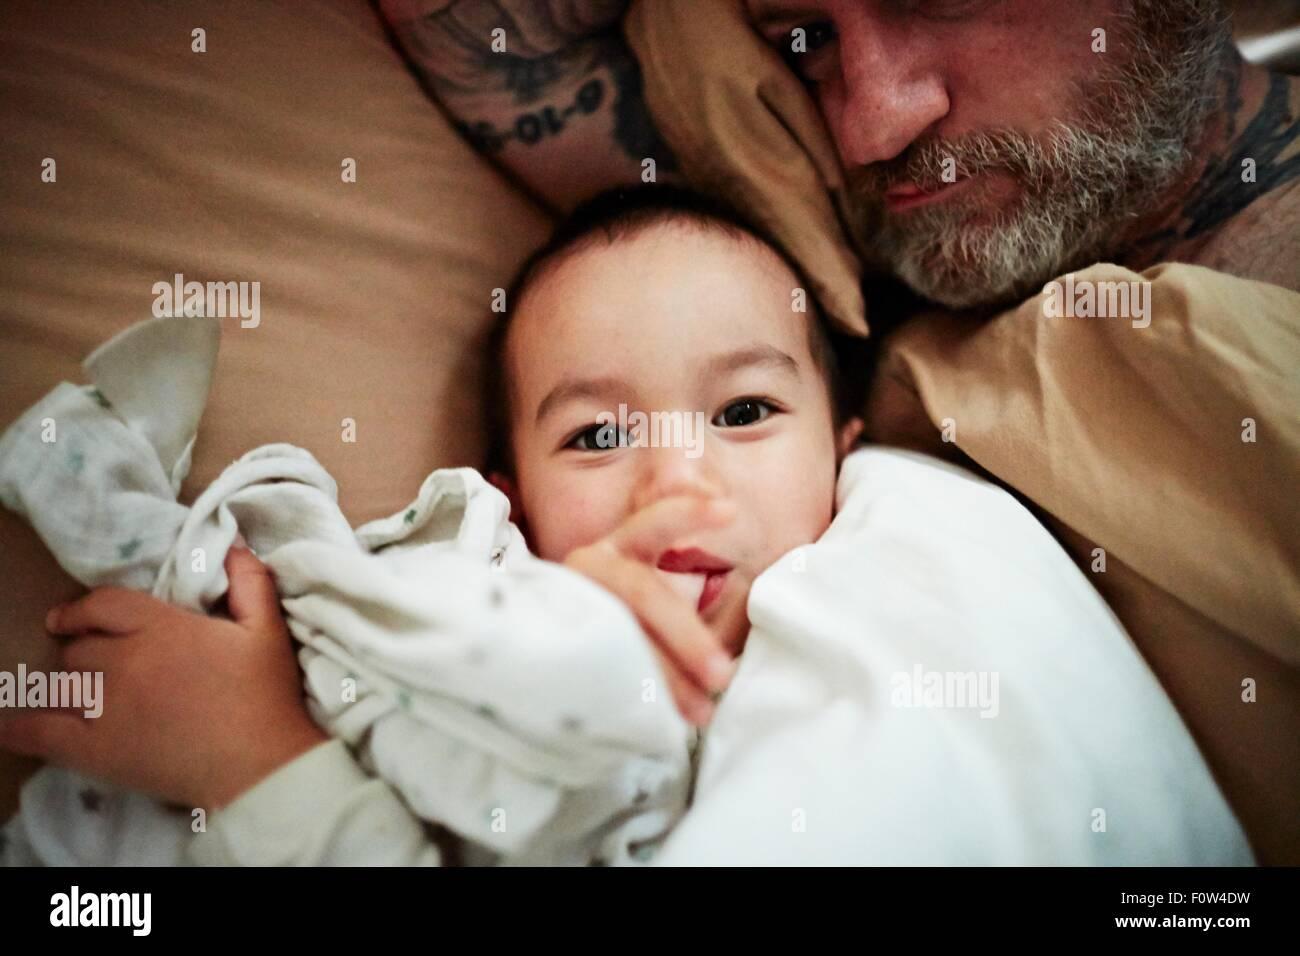 Vater und Sohn im Bett liegend Stockbild